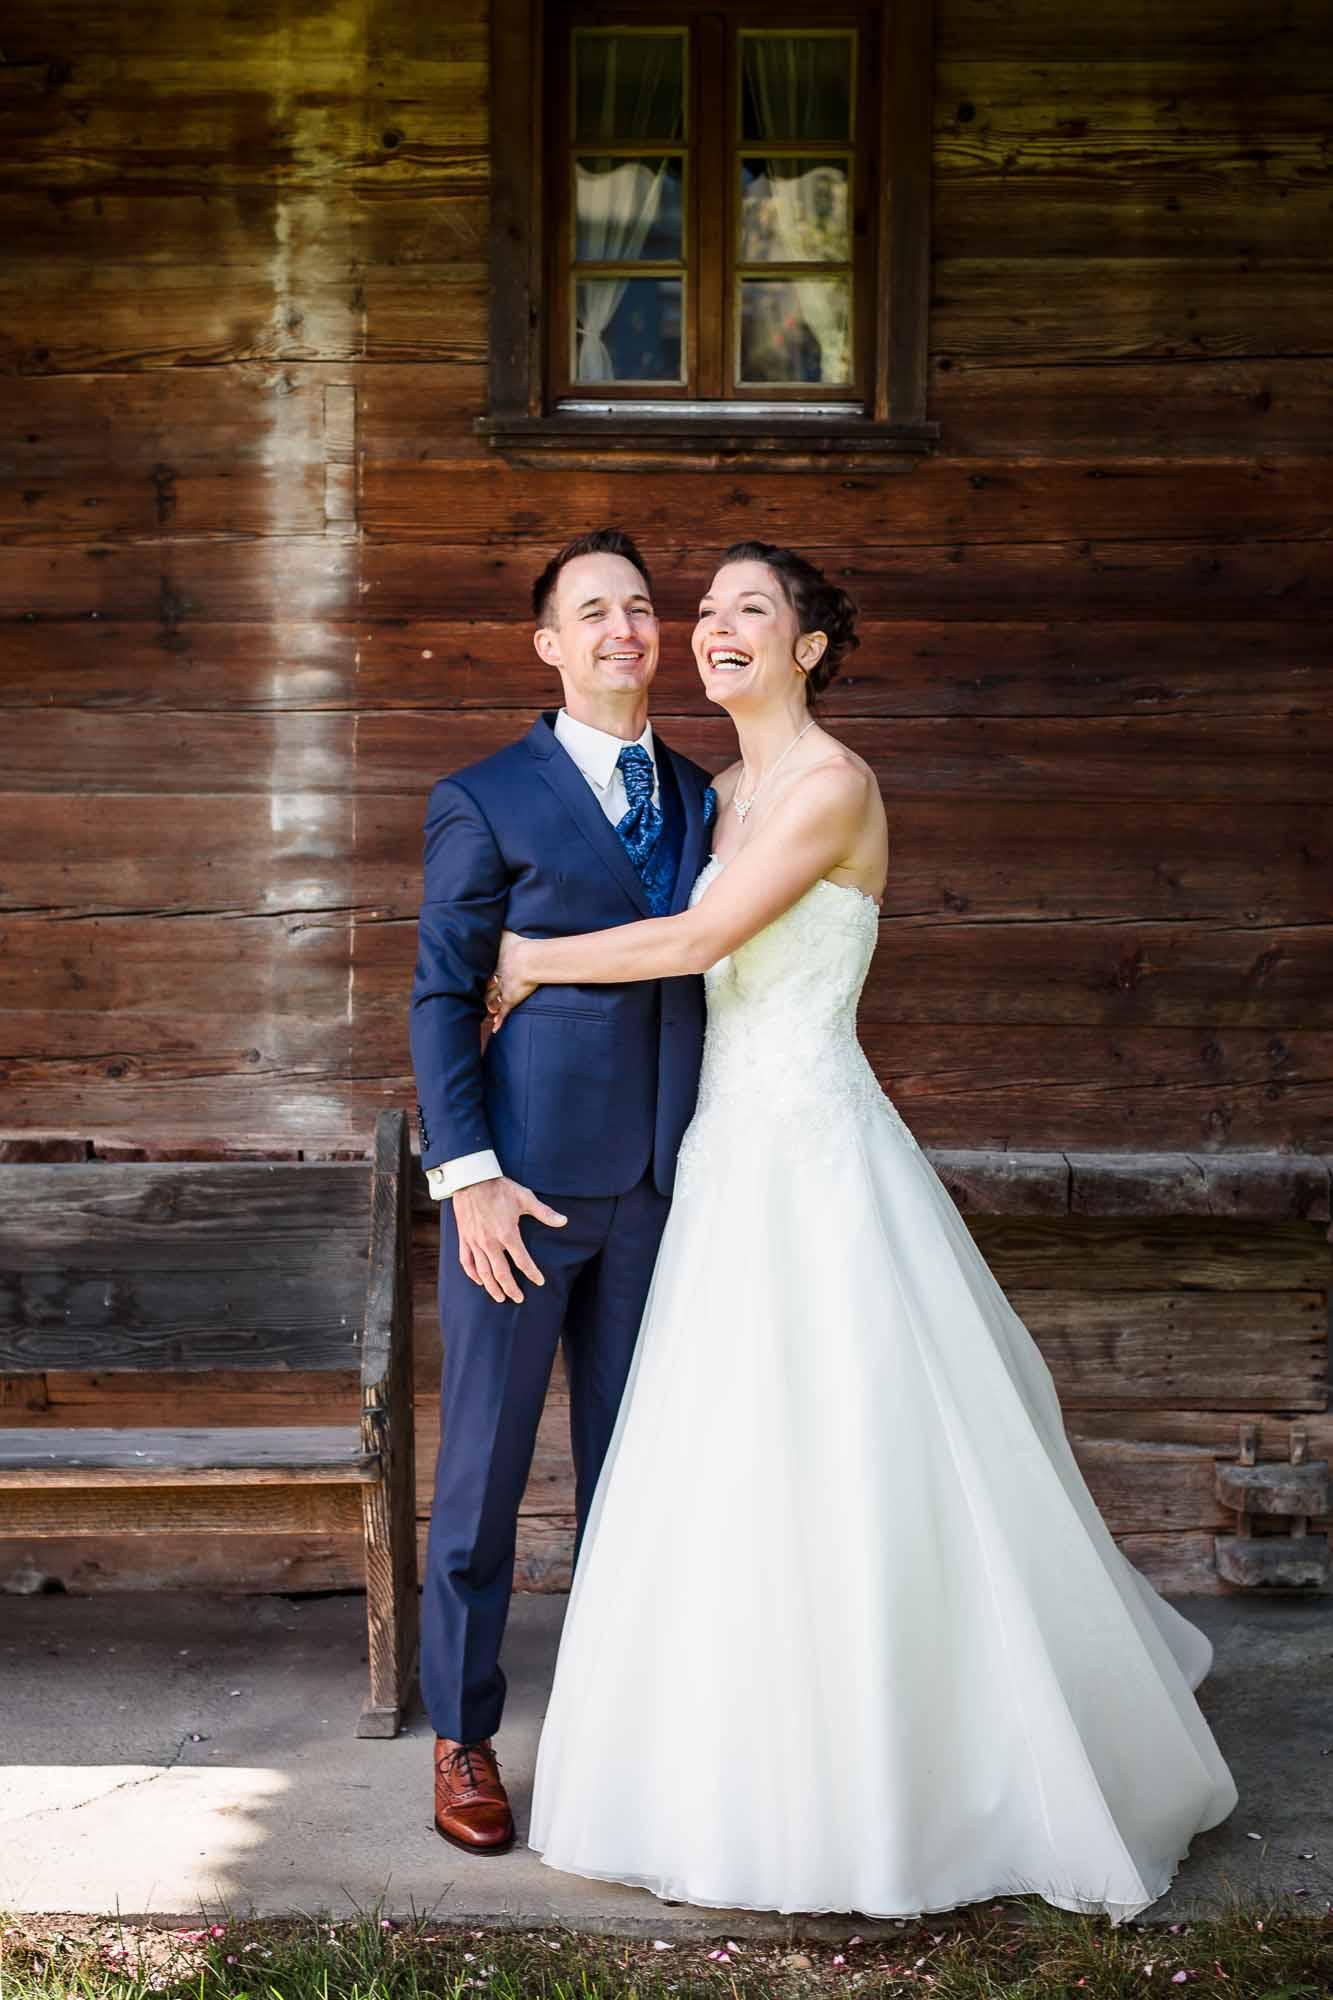 Hochzeitsbilder Emmental vor Bauernhaus